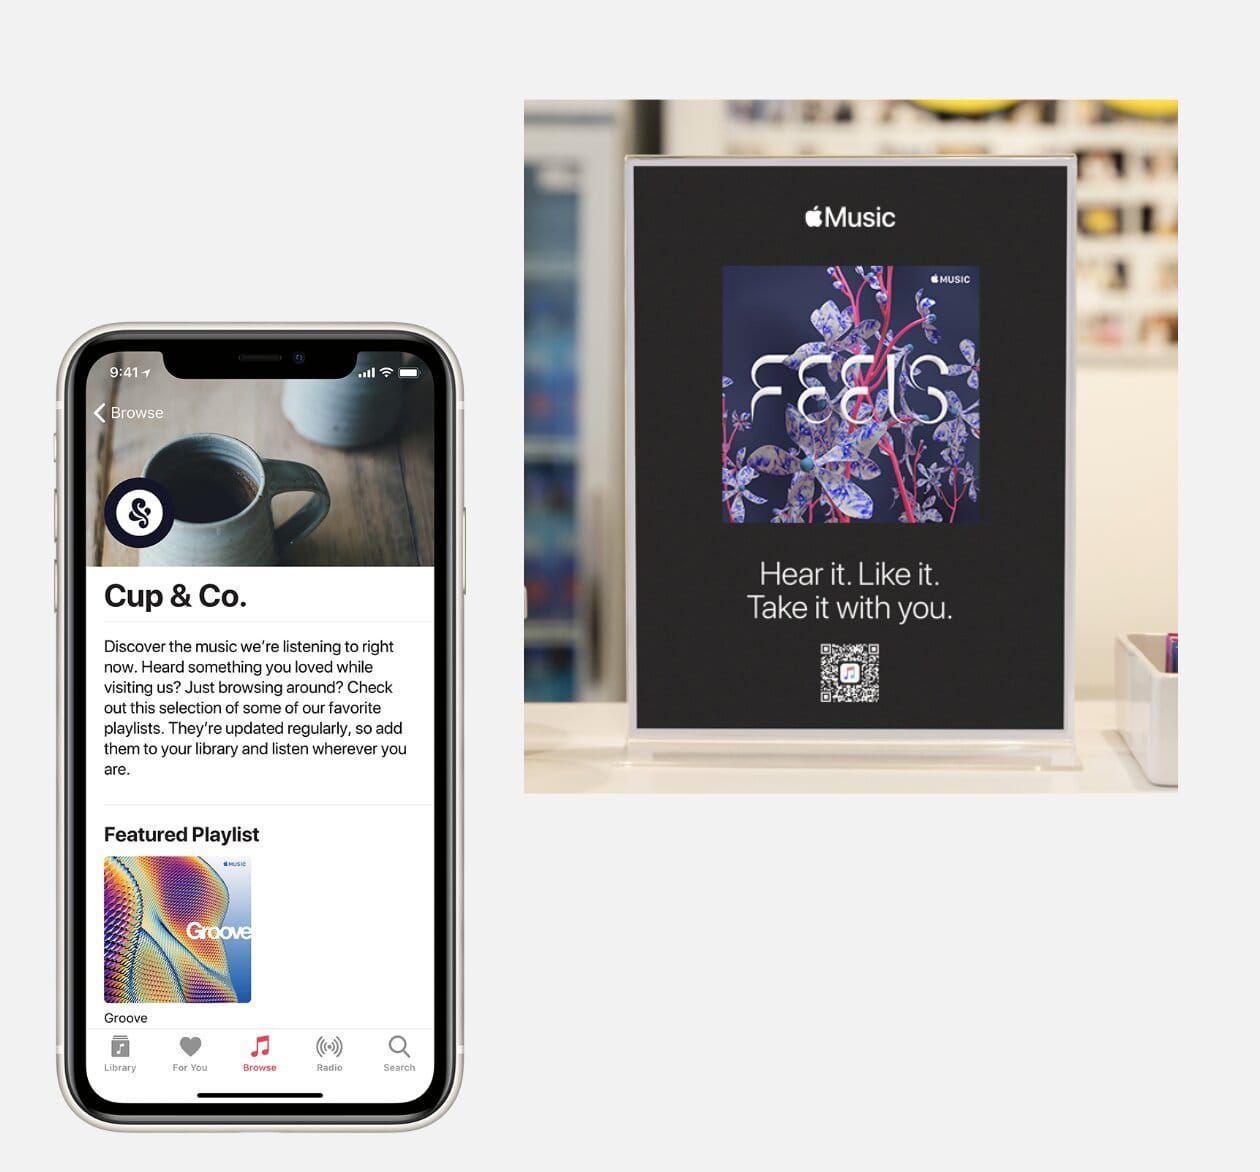 Présentation des playlists de marque sur Apple Music for Business